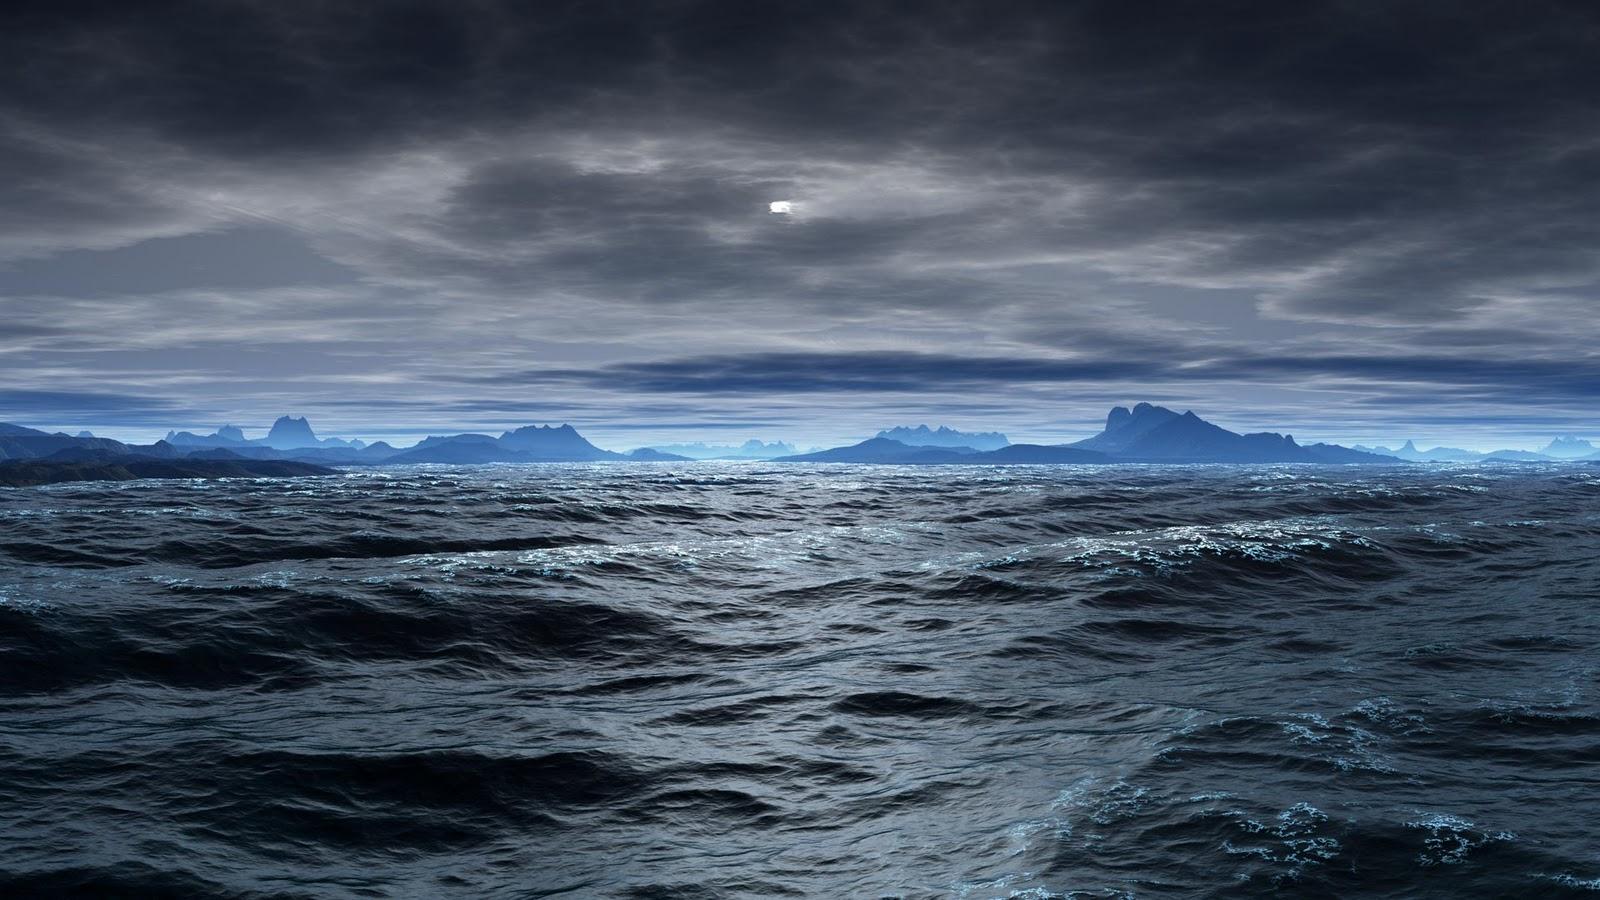 Resultado de imagen para oceano mitologia griega